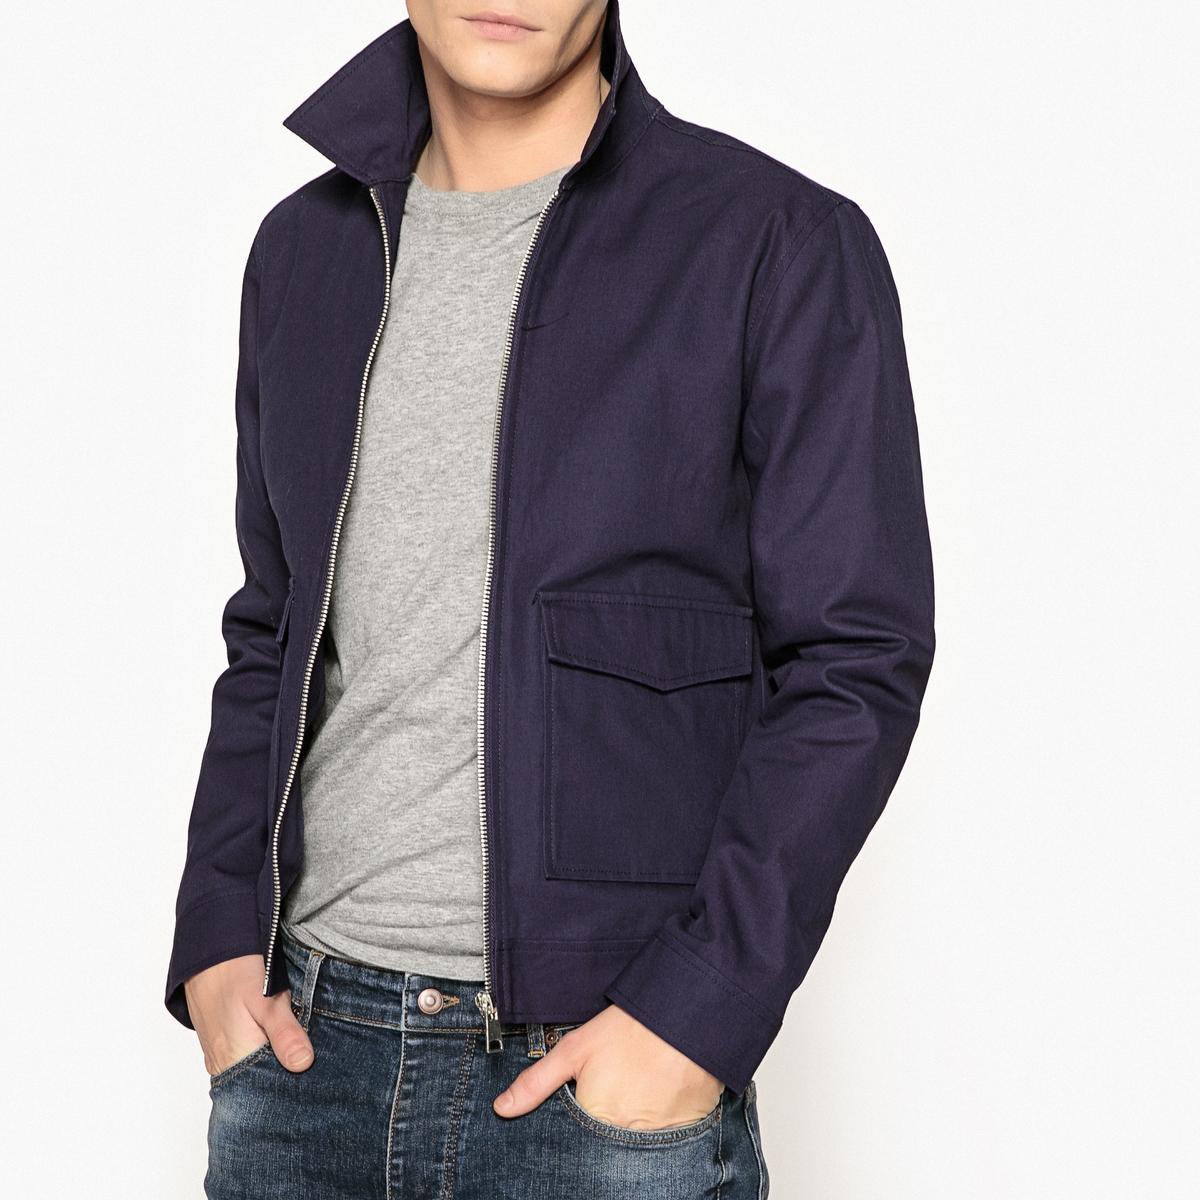 Куртка на молнииОписание:Детали •  Длина : укороченная модель •  Воротник-поло, рубашечный •  Застежка на молниюСостав и уход •  100% хлопок •  Стирать при 40° •  Сухая чистка и отбеливание запрещены • Барабанная сушка на умеренном режиме • Средняя температура глажки  •  Длина : 67 см<br><br>Цвет: синий<br>Размер: S.3XL